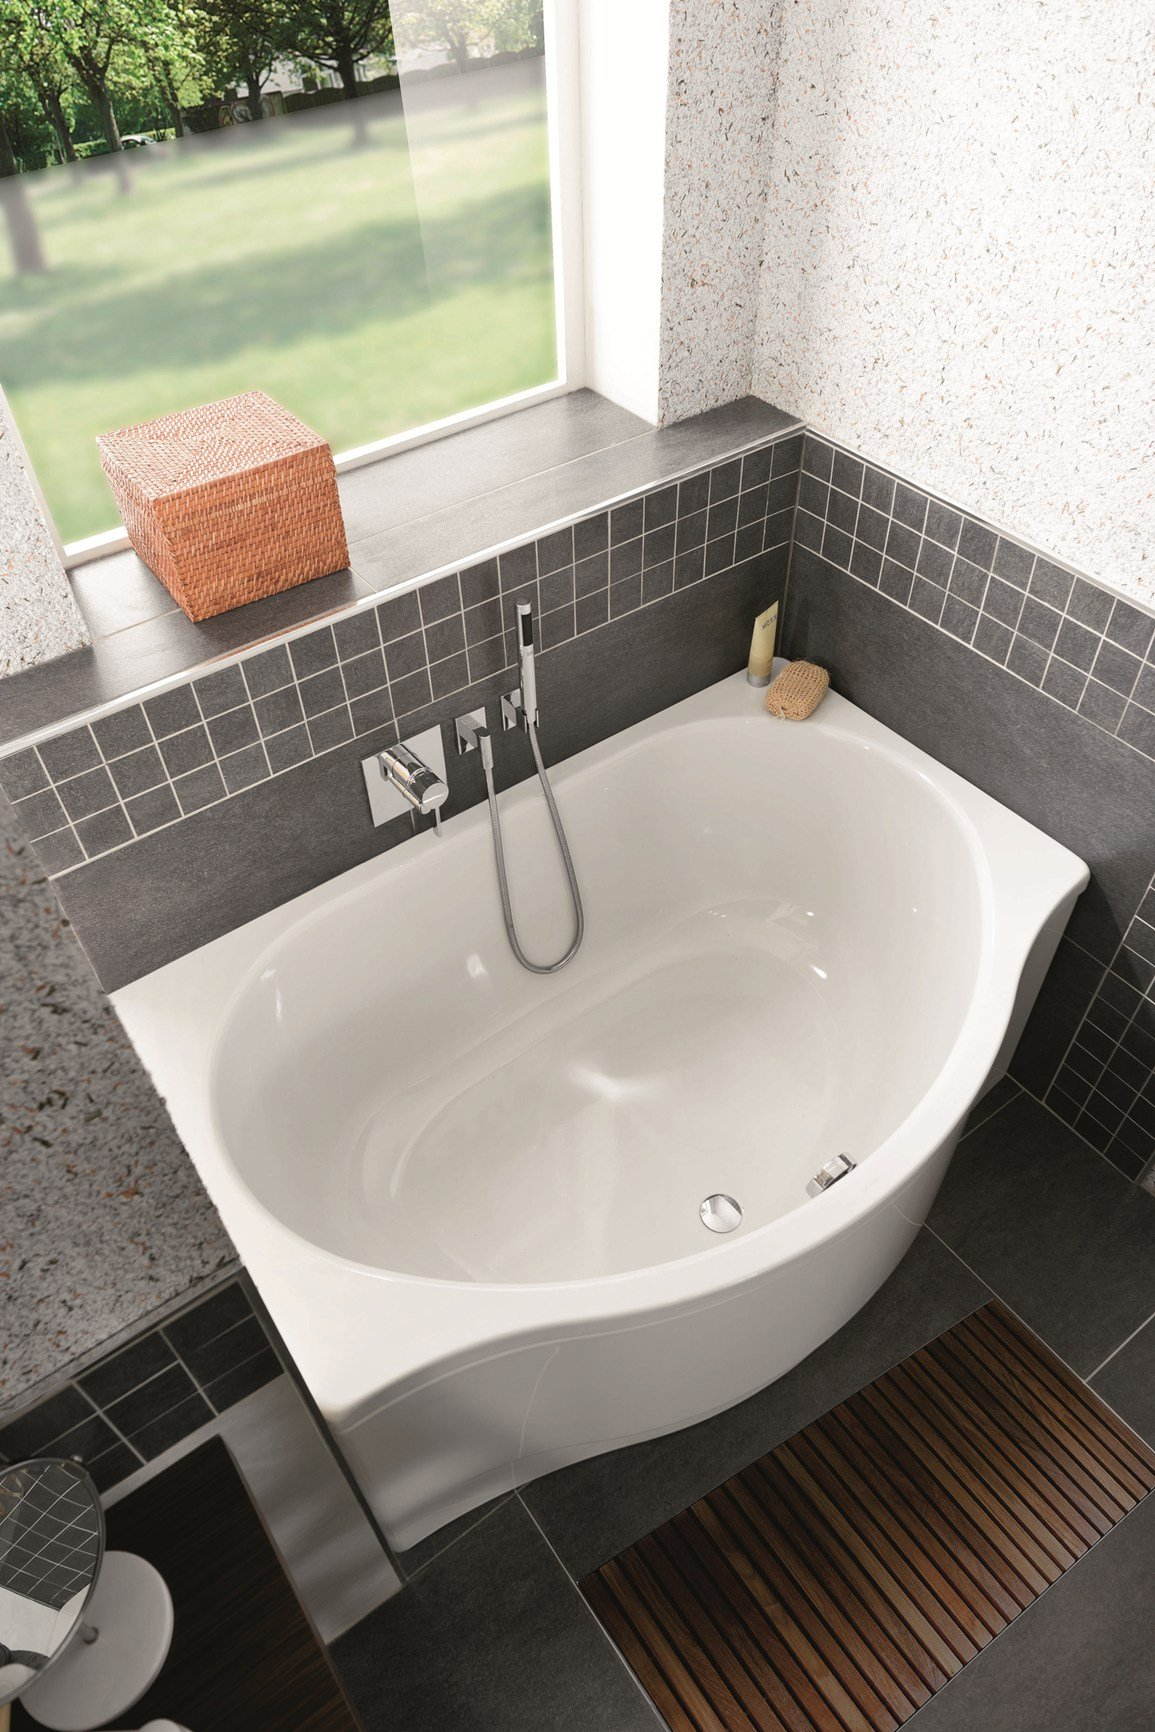 Vasche da bagno e piatti doccia a filo pavimento kaldewei - Vasche da bagno piccole con seduta ...